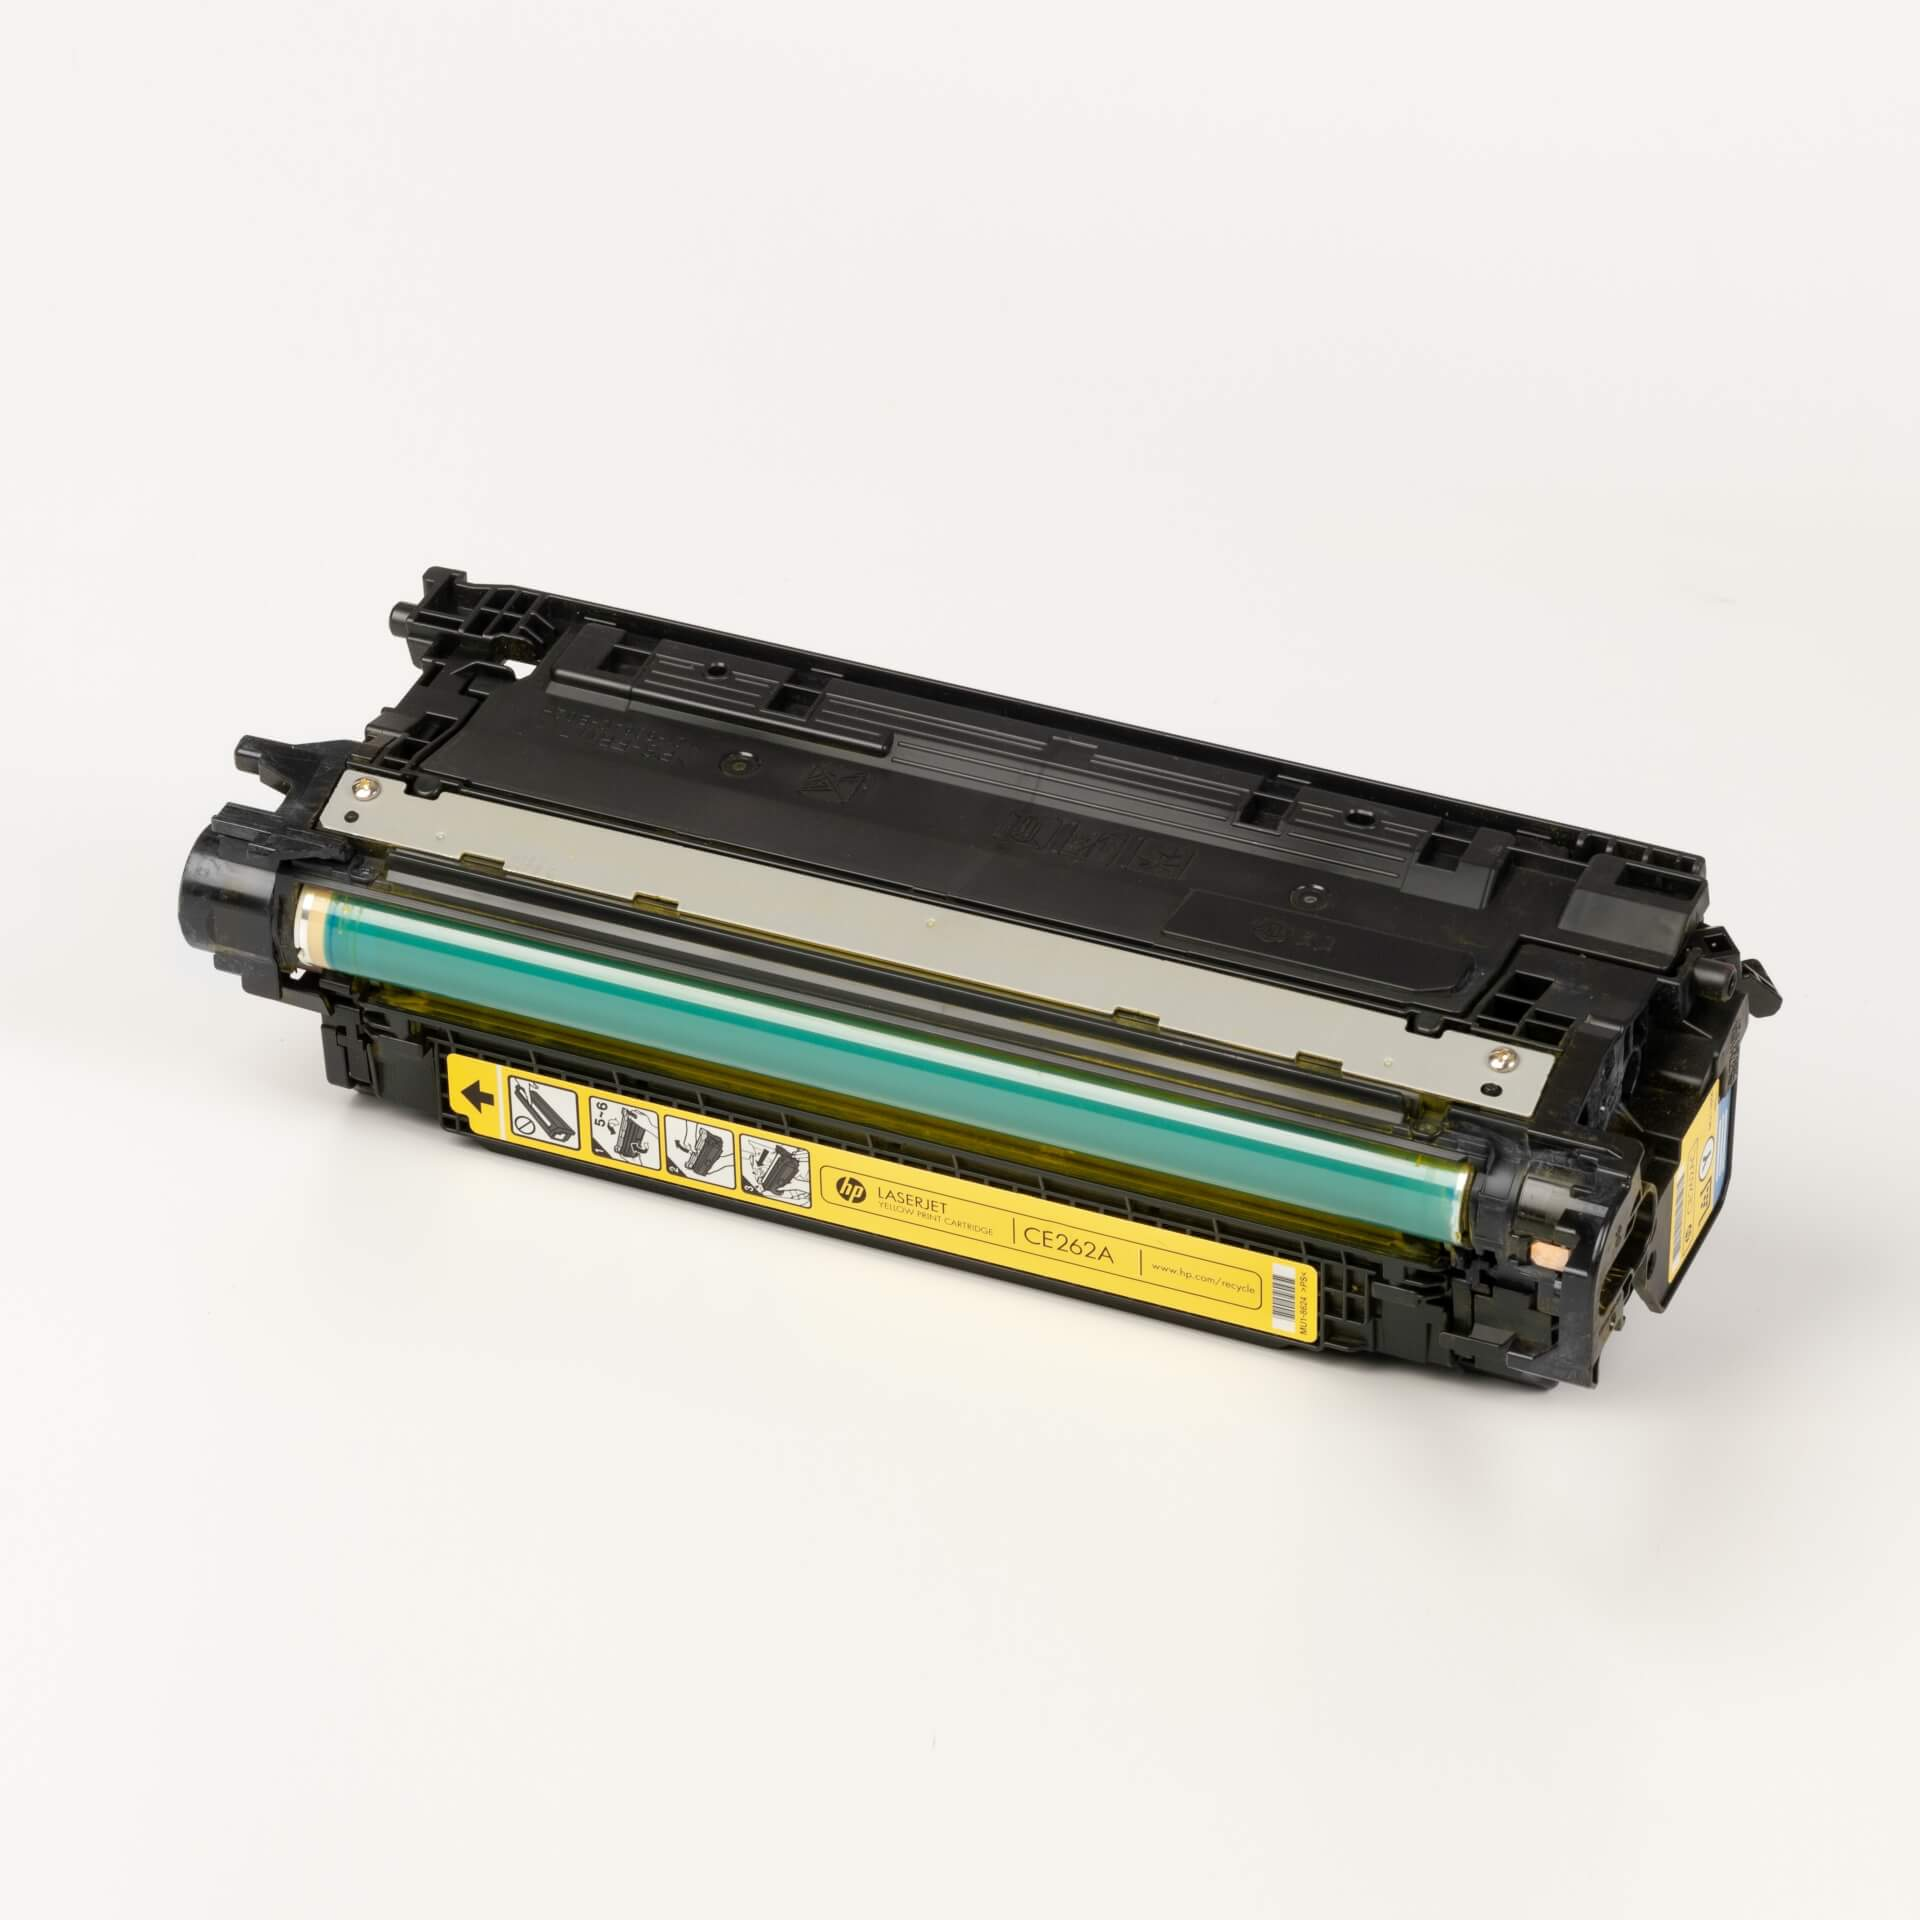 Auf dem Bild sehen Sie eine HP 648A (CE262A) Gelb Original Tonerkartusche